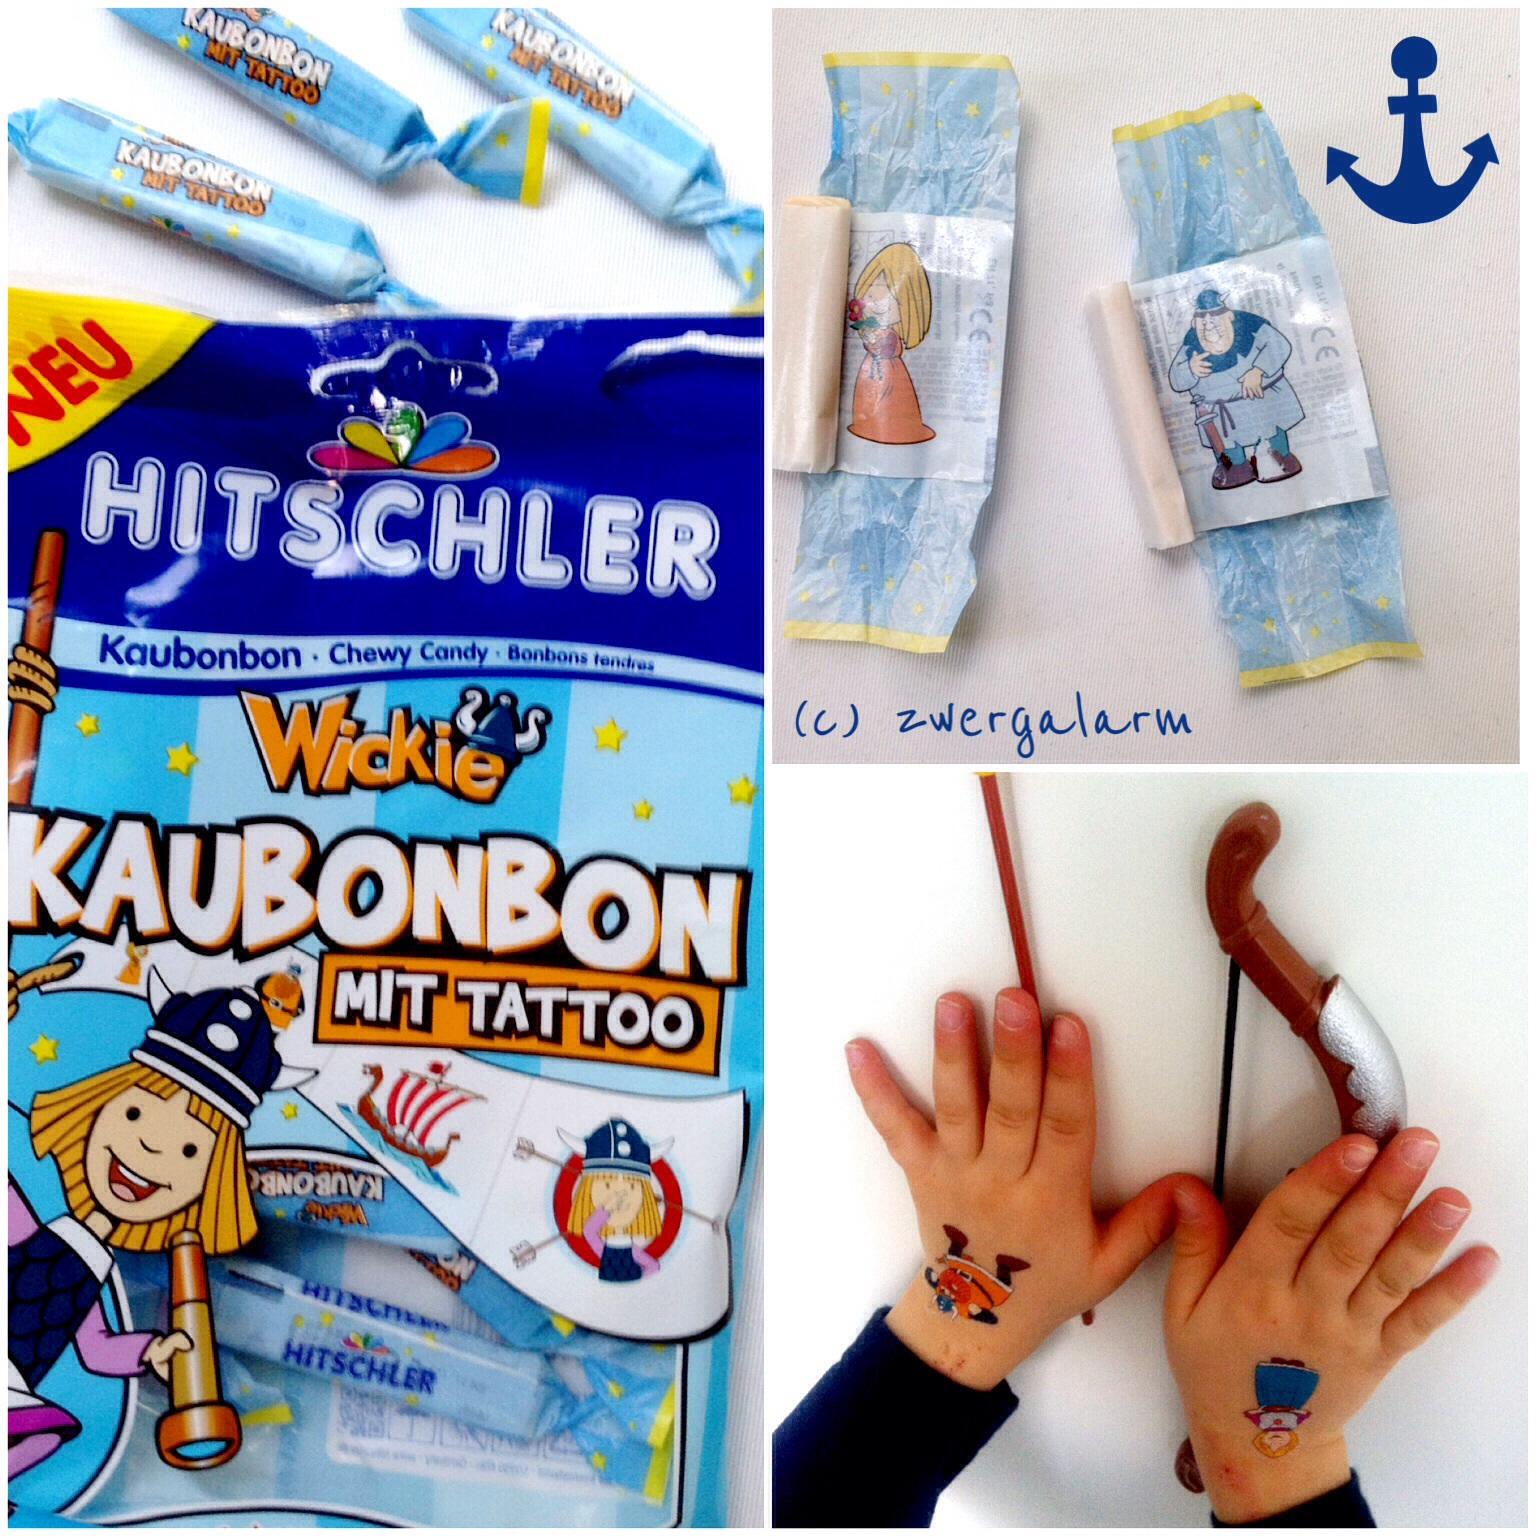 Hirschler Kaubonbons